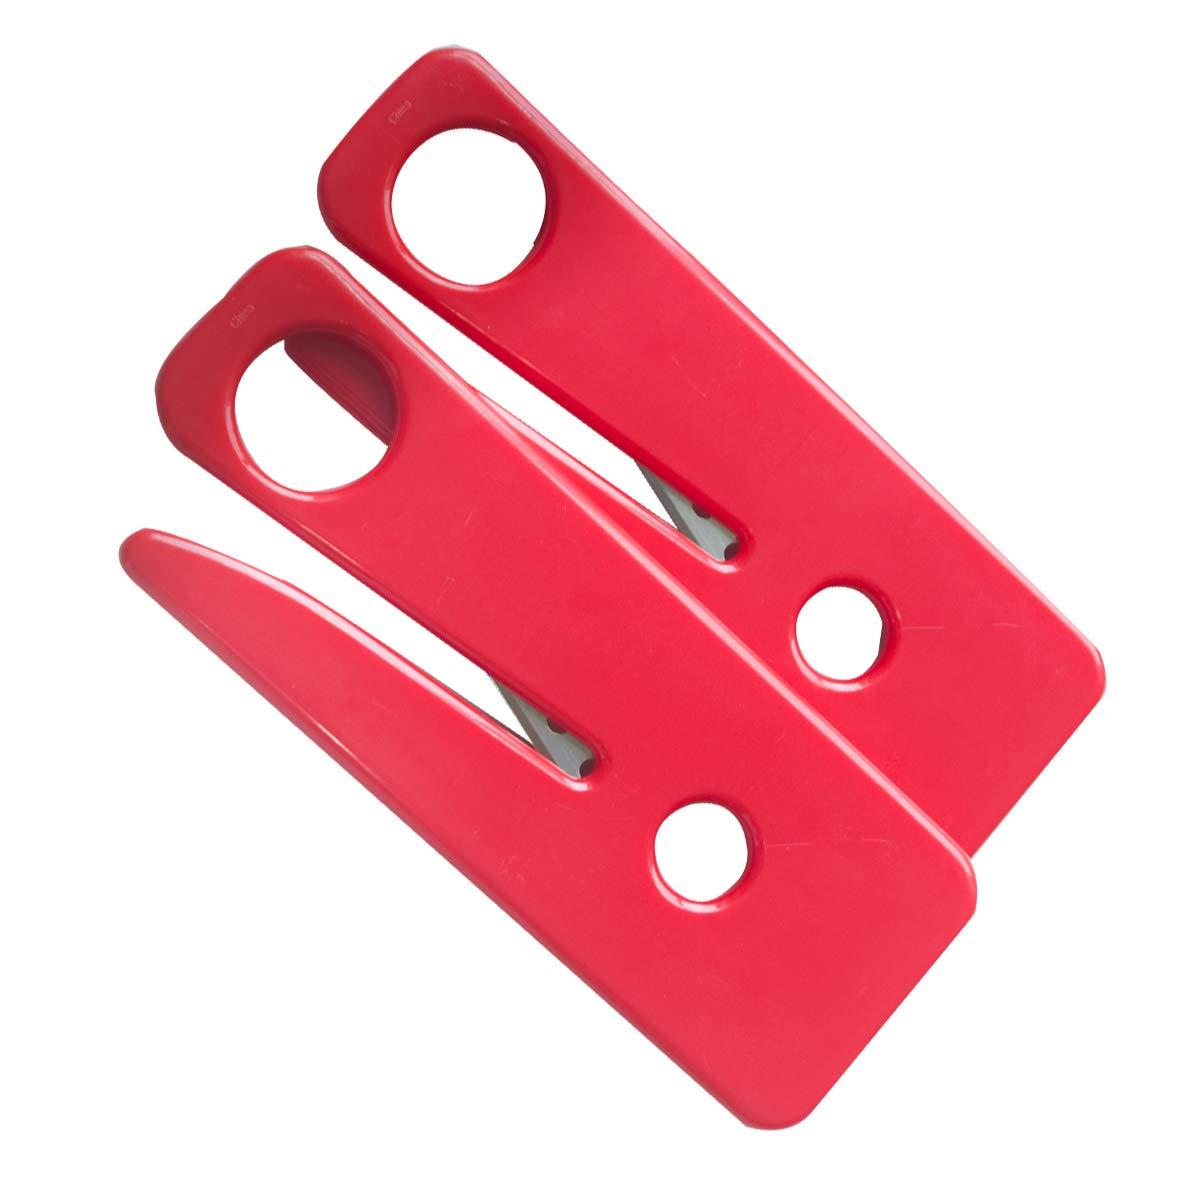 Juego de 20 cortadores de cintur/ón de seguridad de color rojo para veh/ículos de emergencia herramienta de supervivencia para primeros auxilios JTKENS